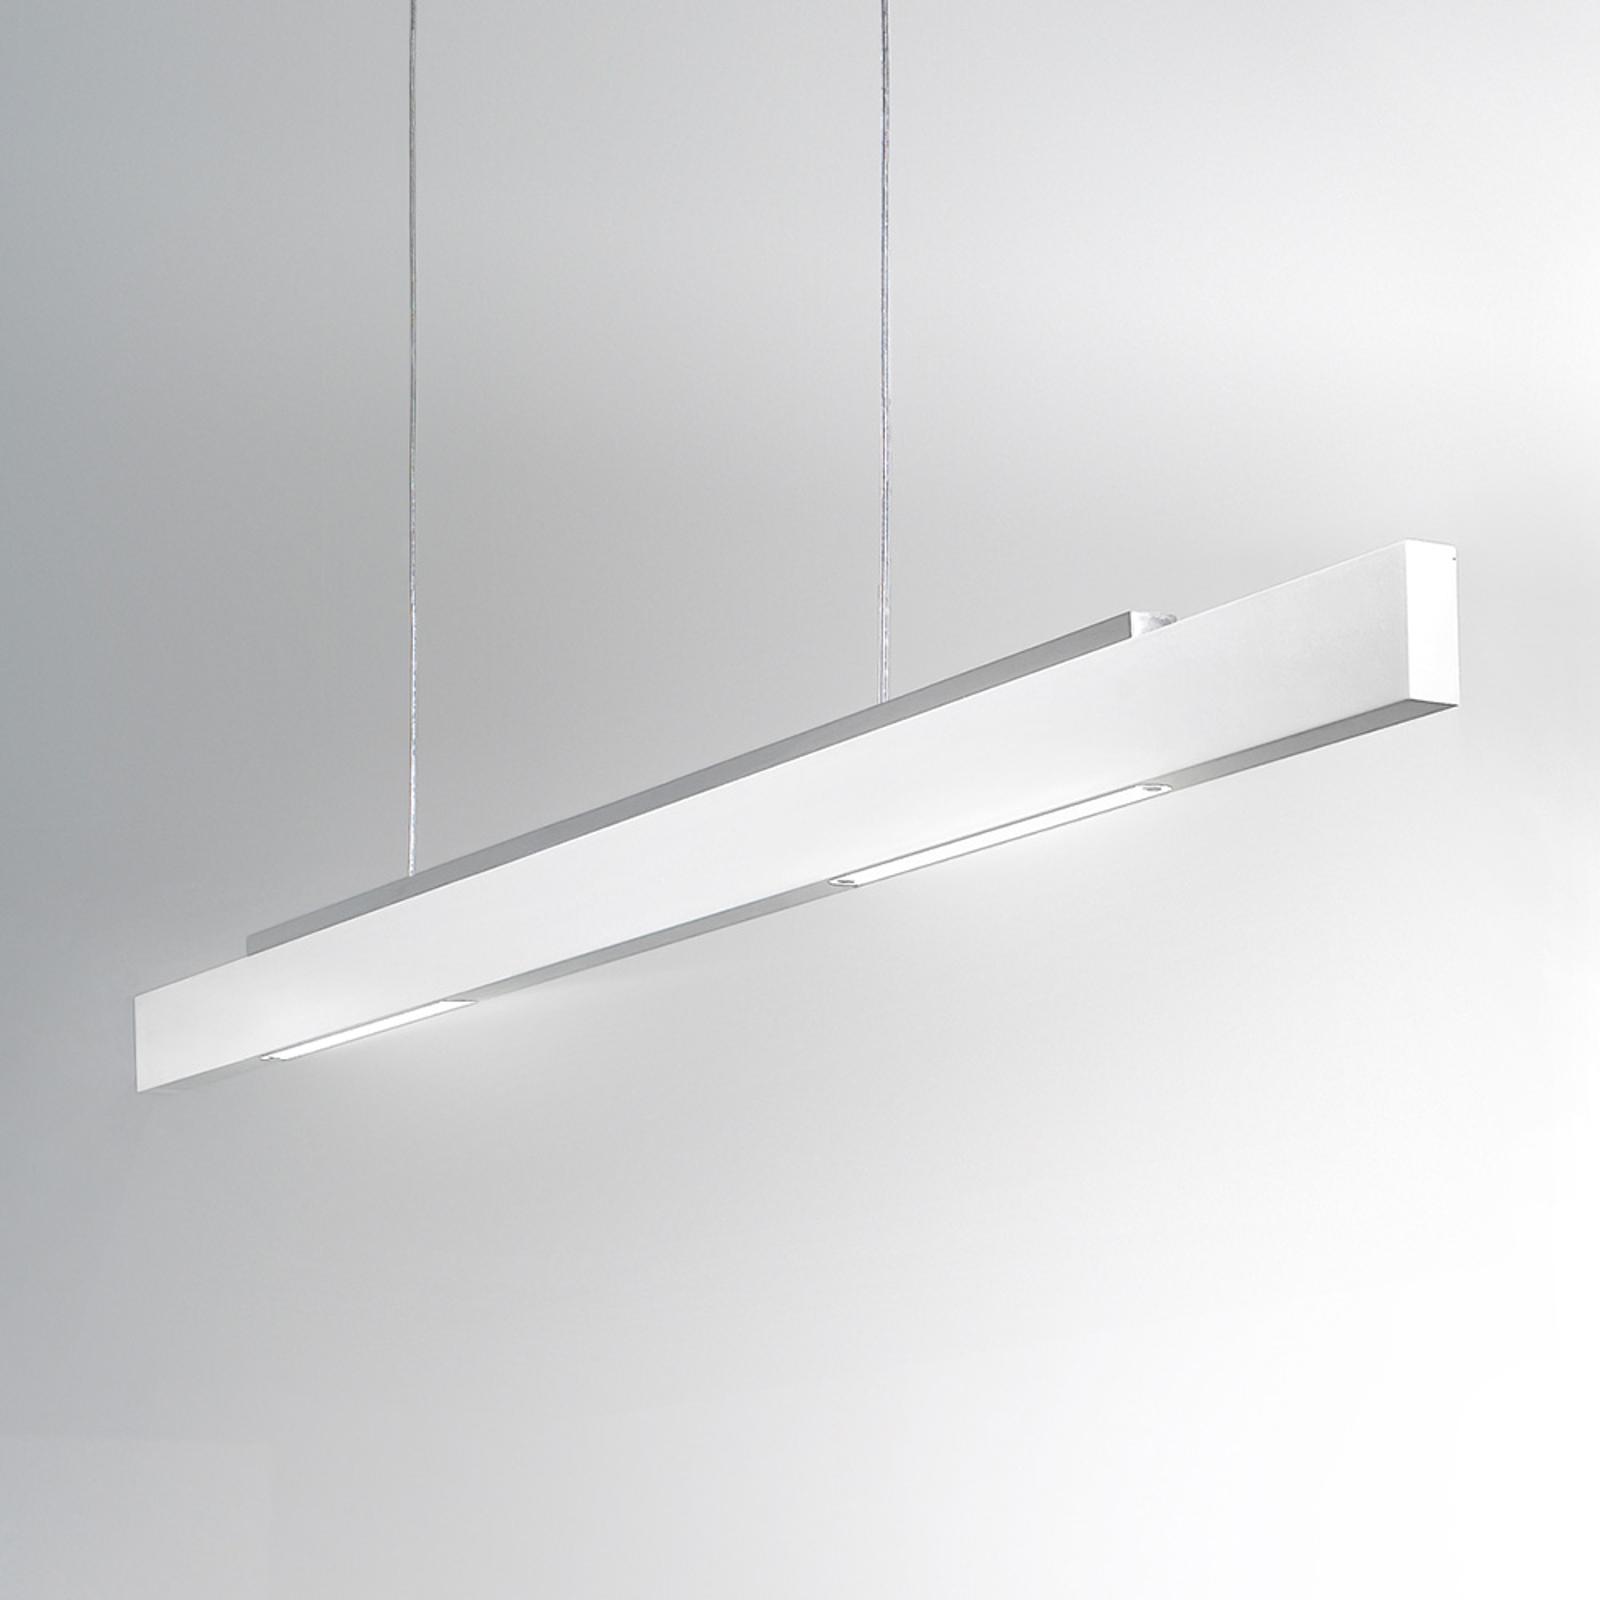 ICONE Tratto - weiße LED-Hängeleuchte, zweiseitig